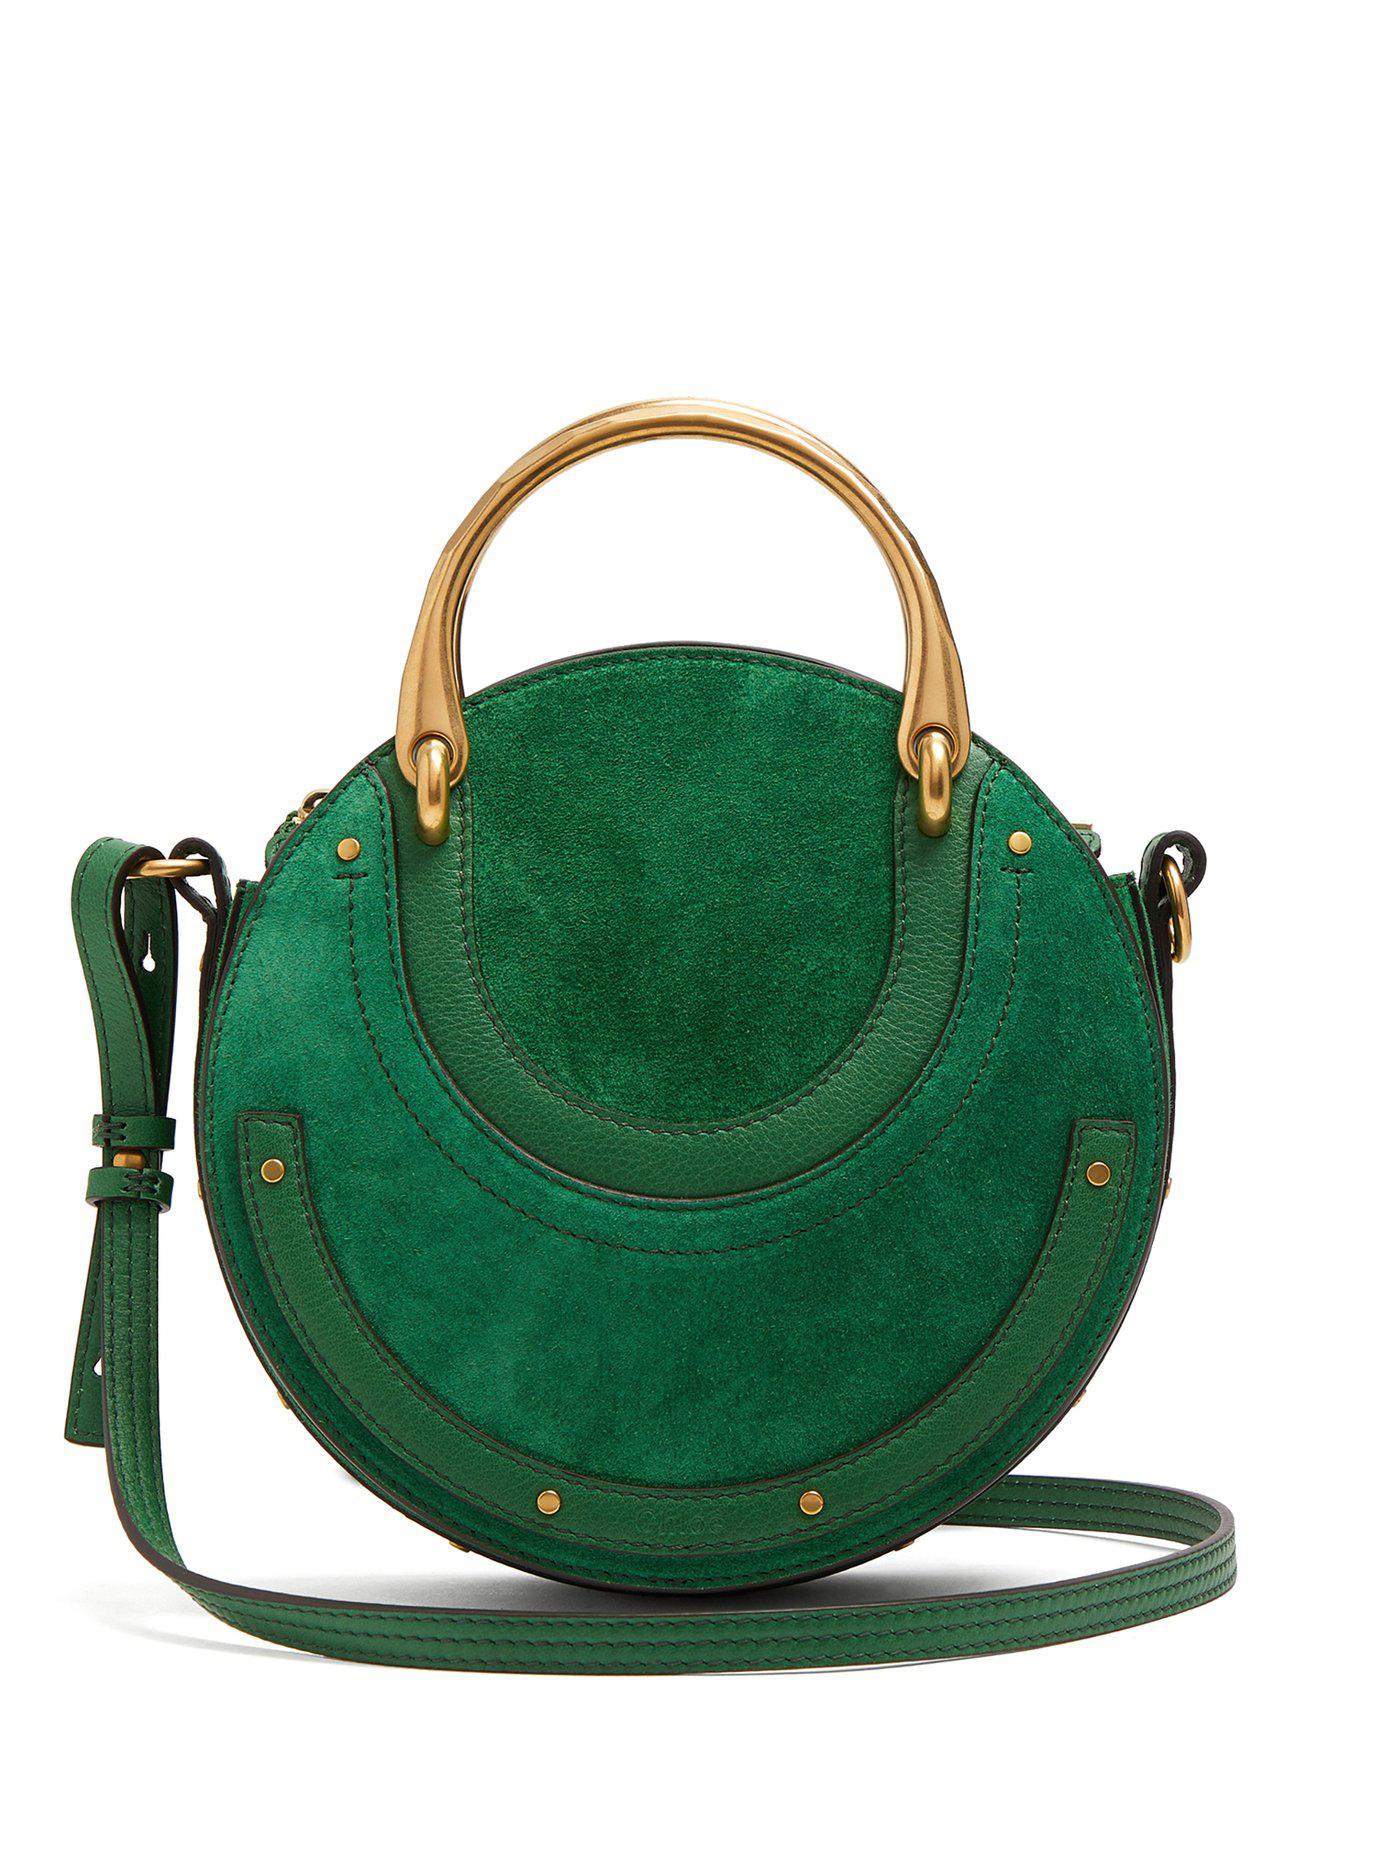 Lyst - Sac porté épaule Pixie Chloé en coloris Vert 8f75ff3d04d